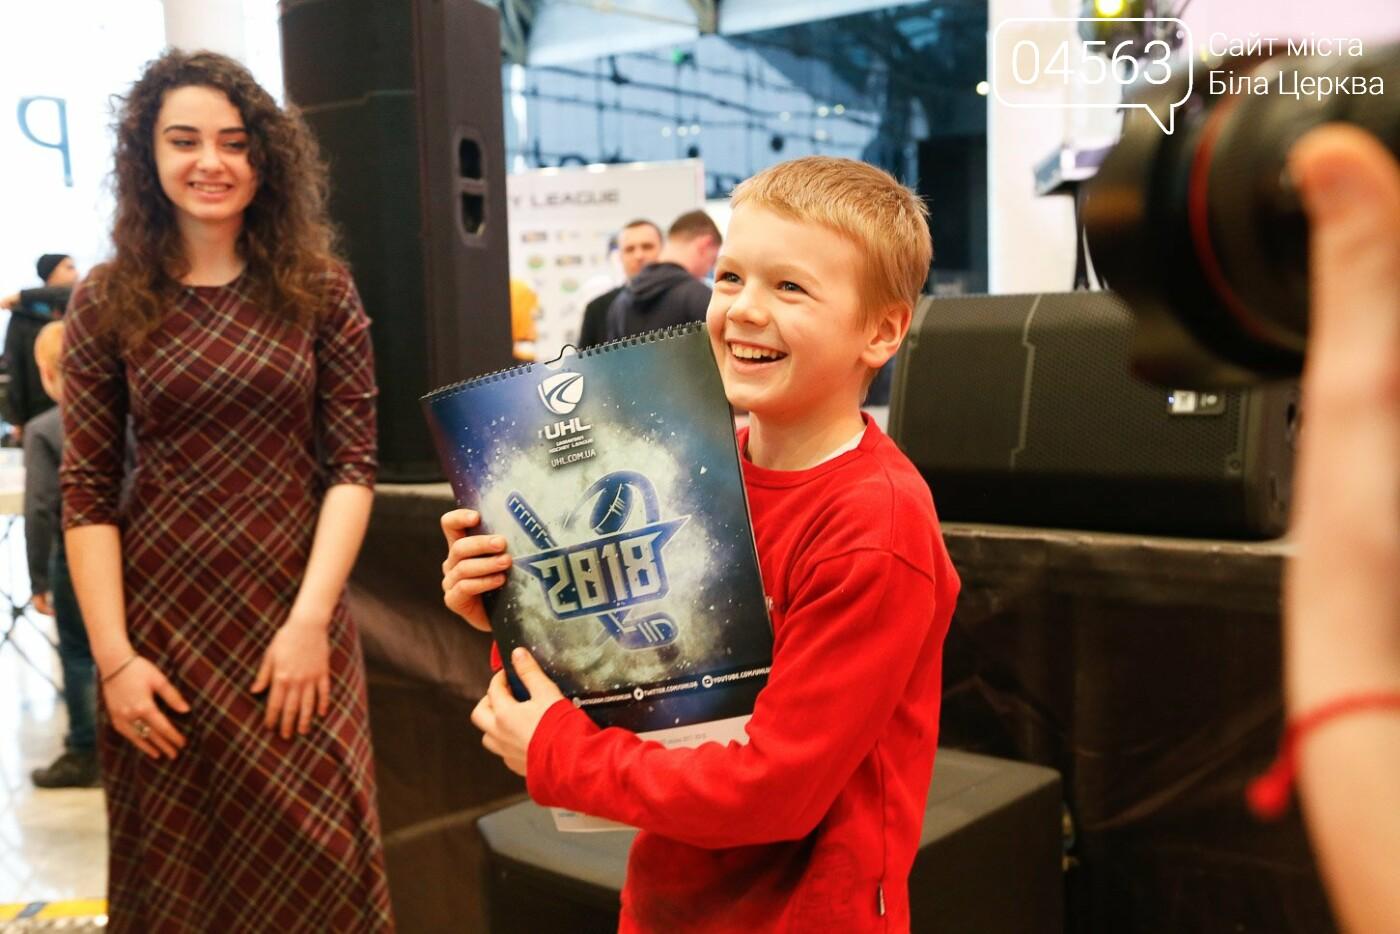 У Києві презентували чемпіонський кубок України з хокею, фото-5